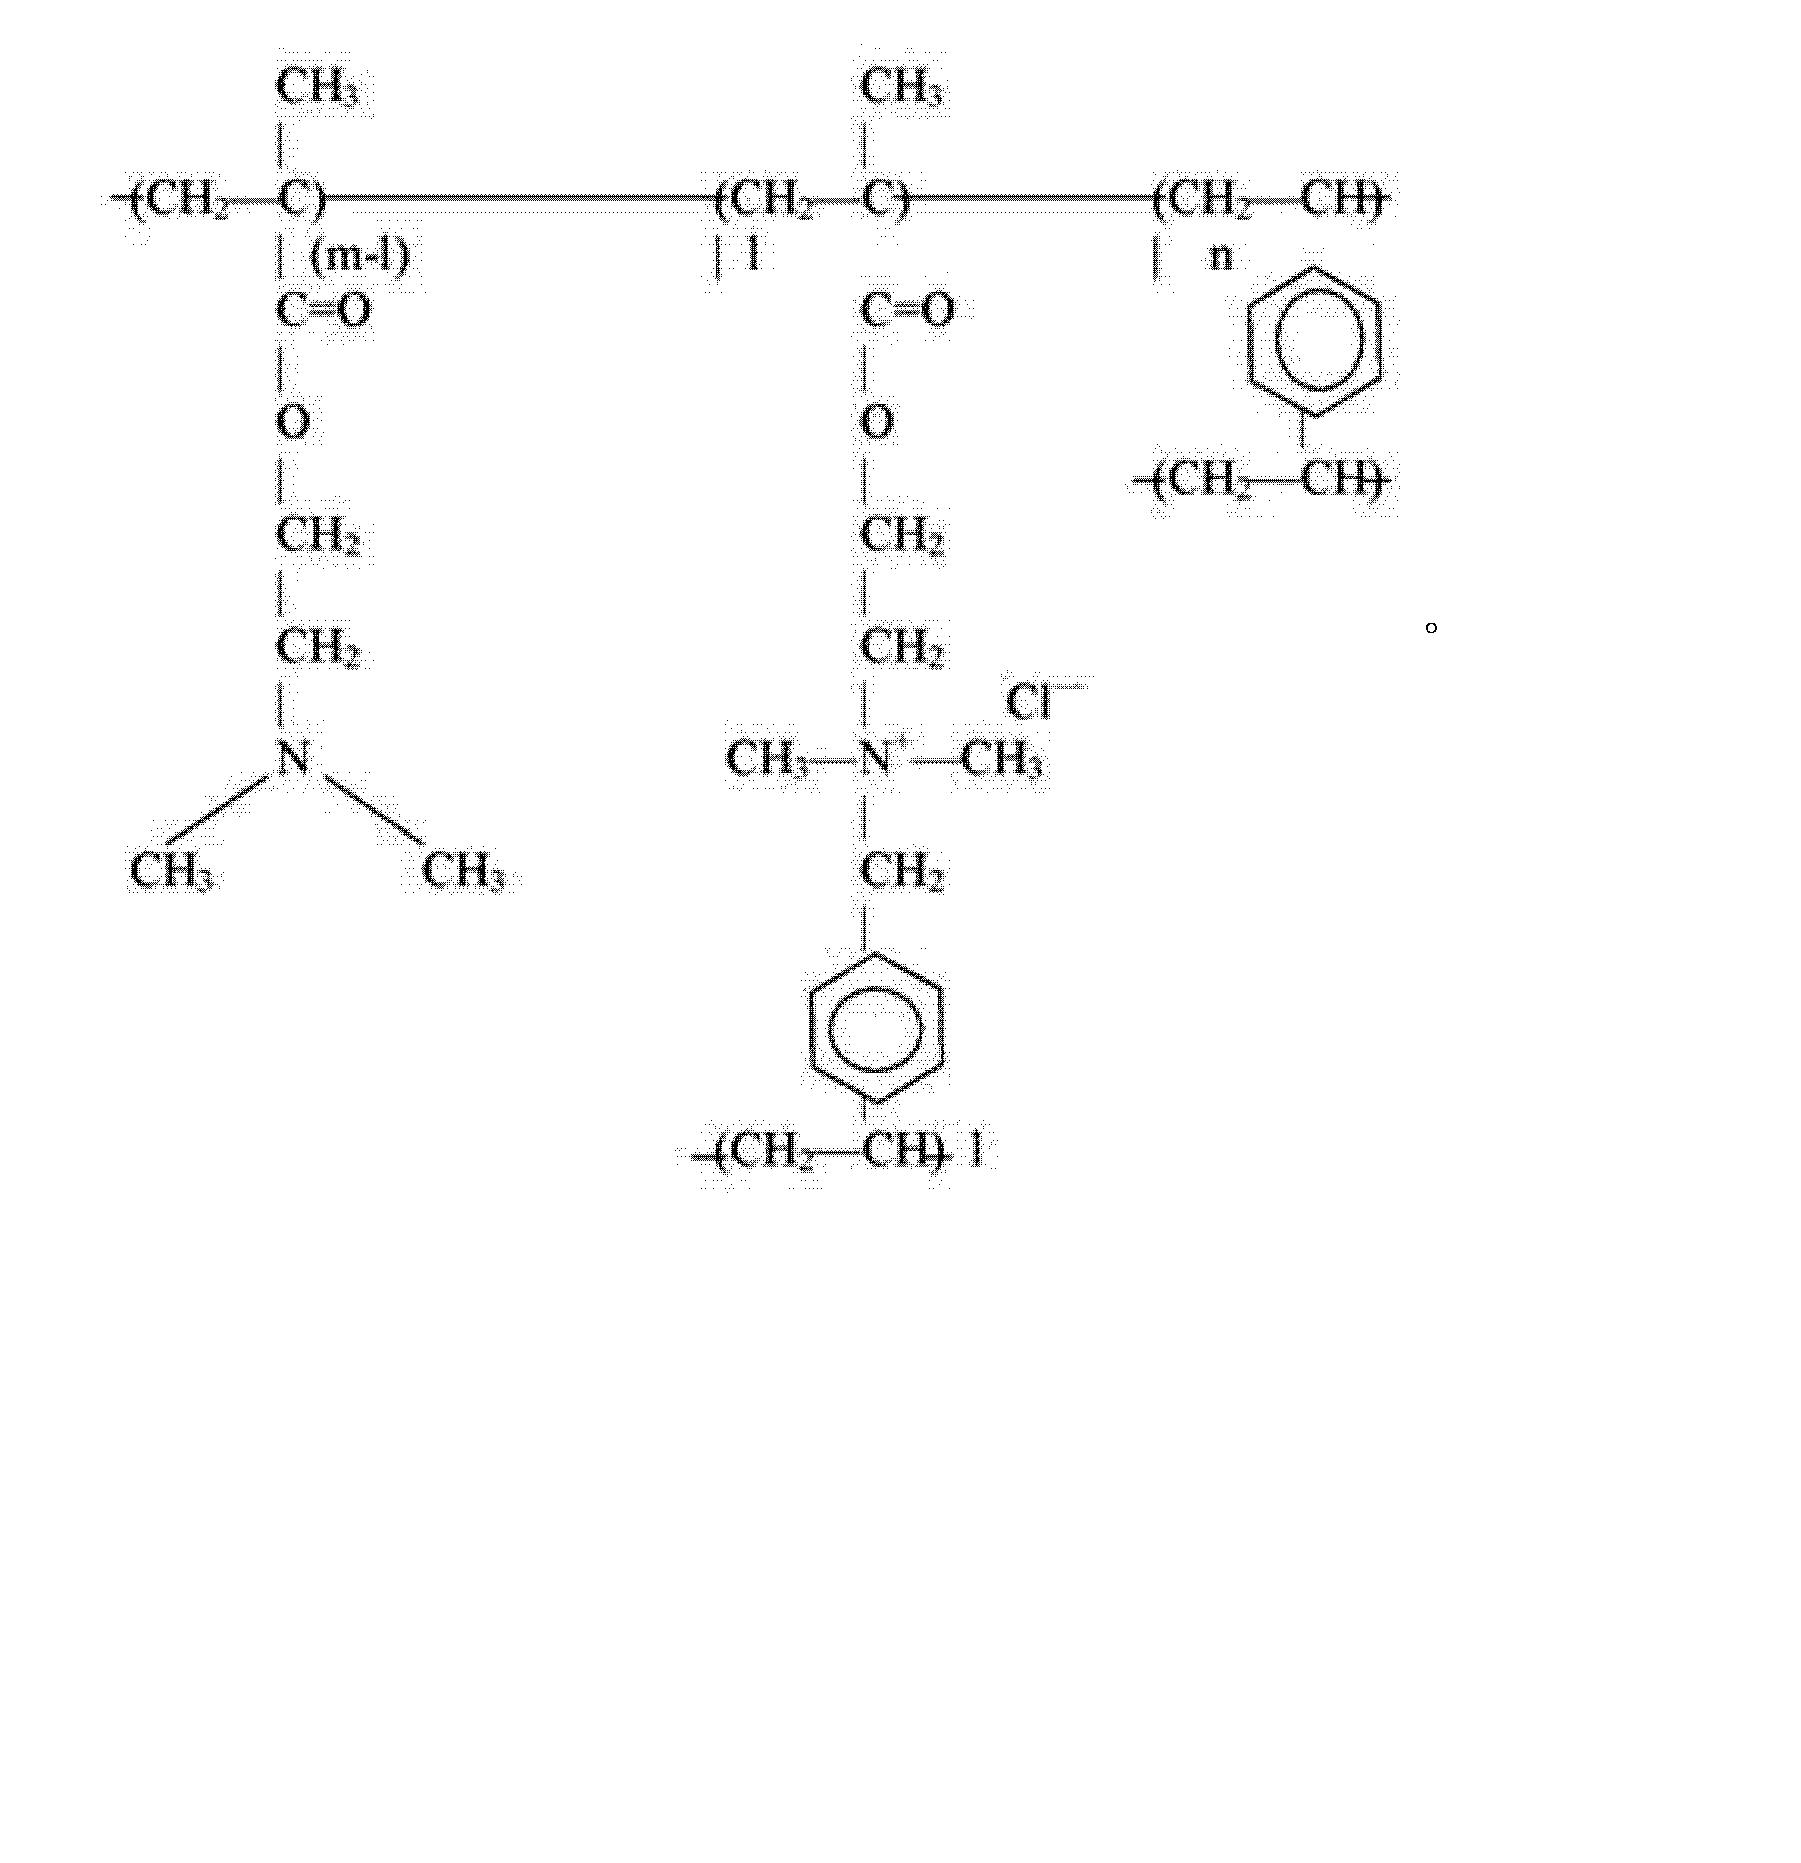 氢元素的离子结构示意图